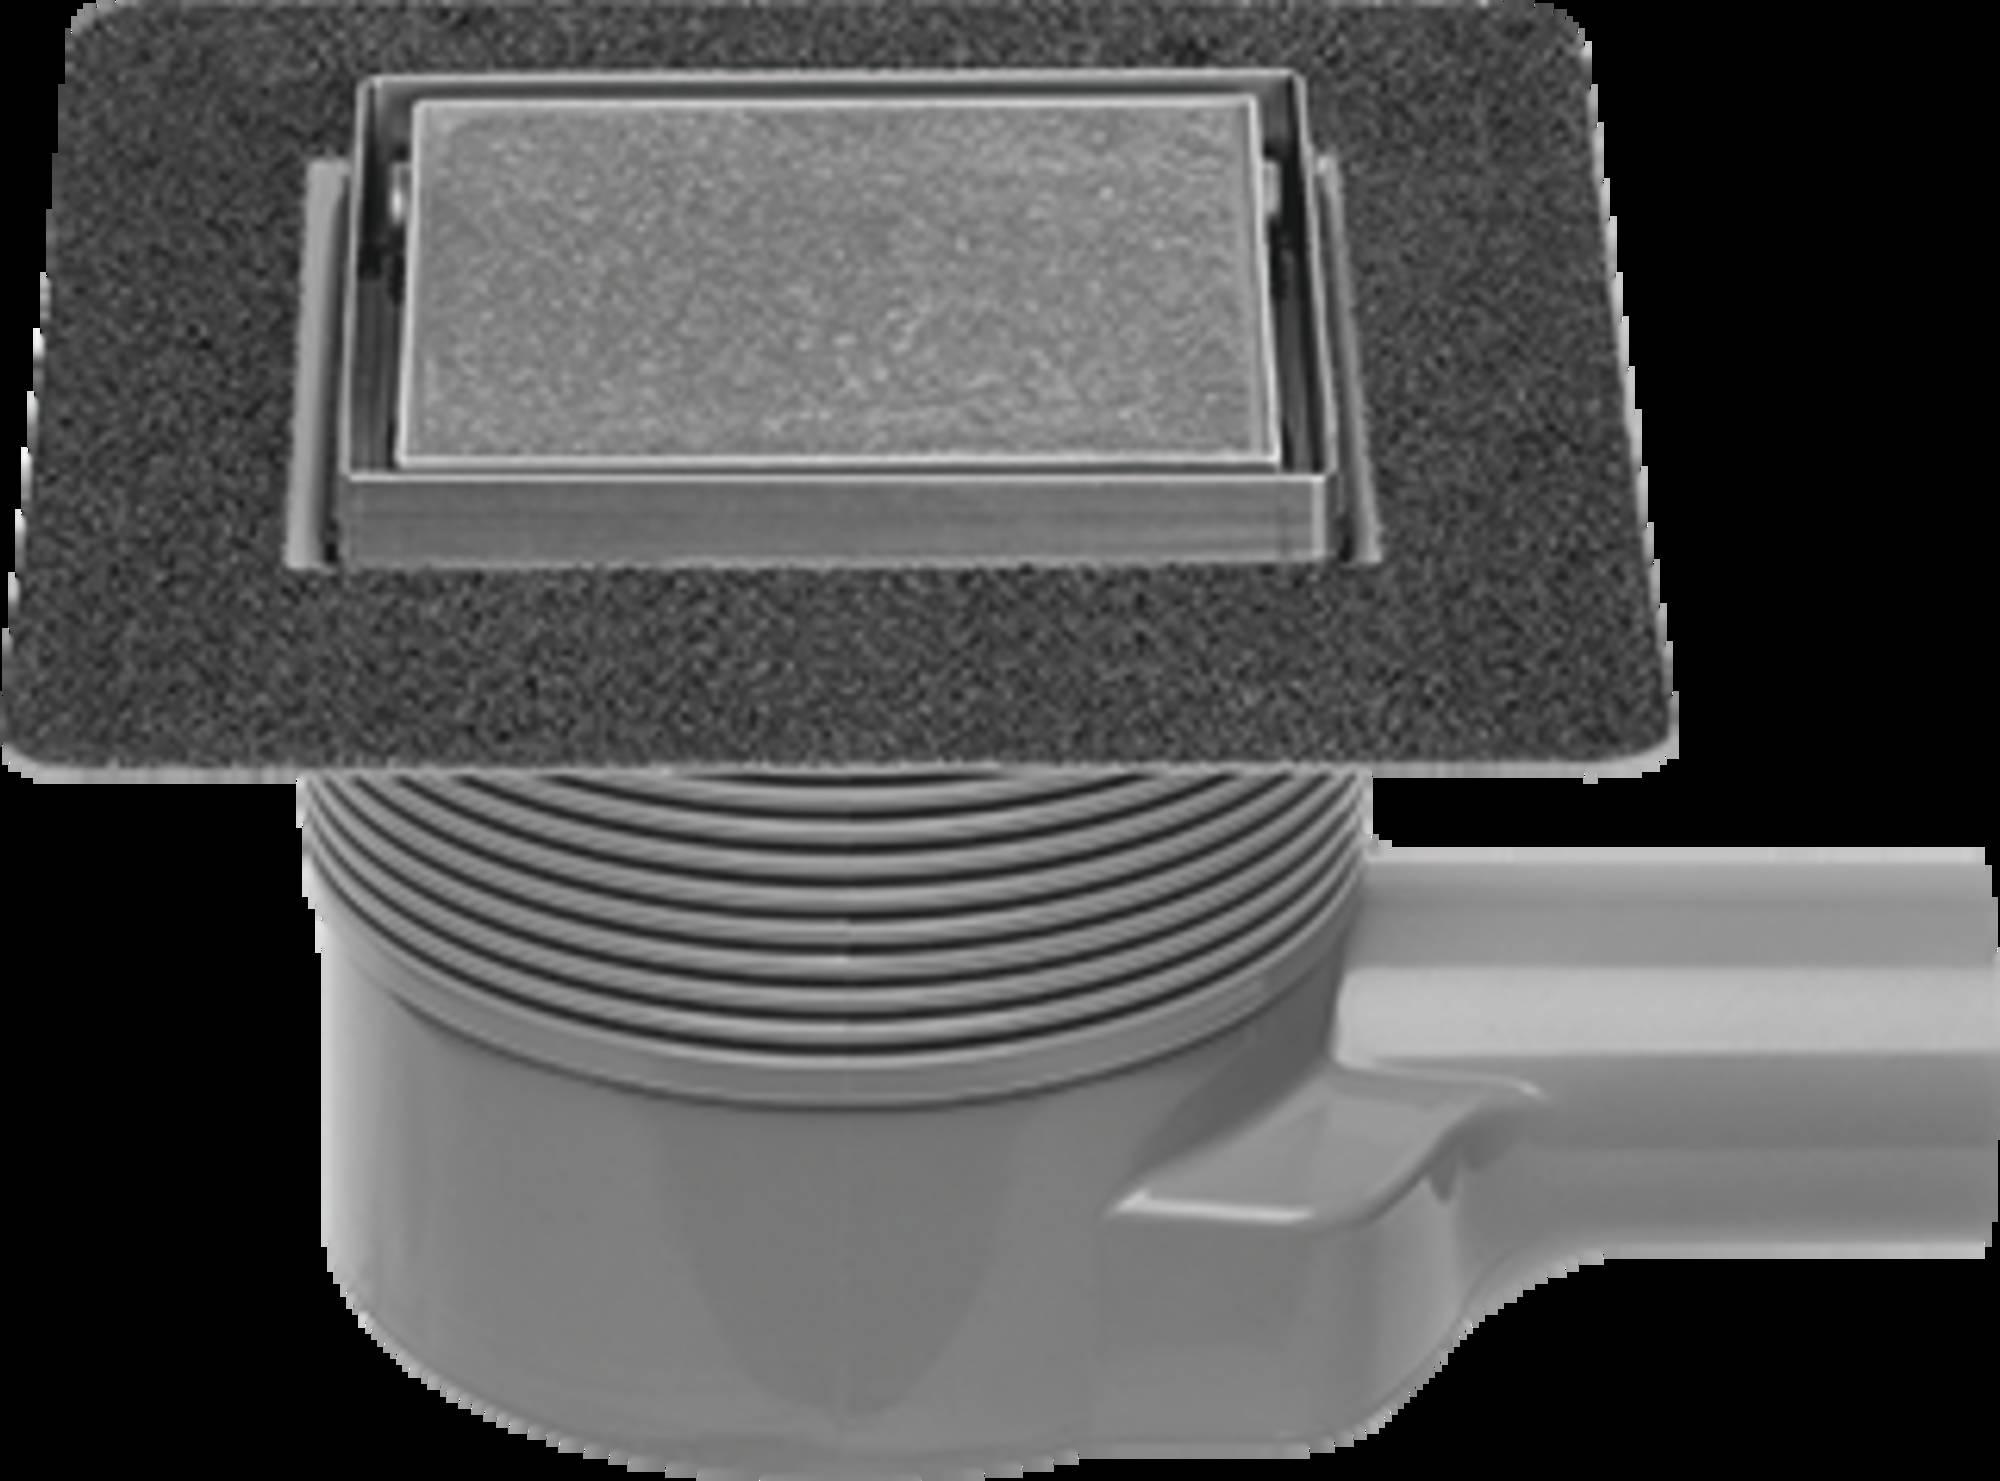 EASYDRAIN AQUA PLUS QUATTRO TEGEL vloerput 10 x 10 cm. met rooster msi-6 RVS GEBORSTELD (AQUAPLUS10X